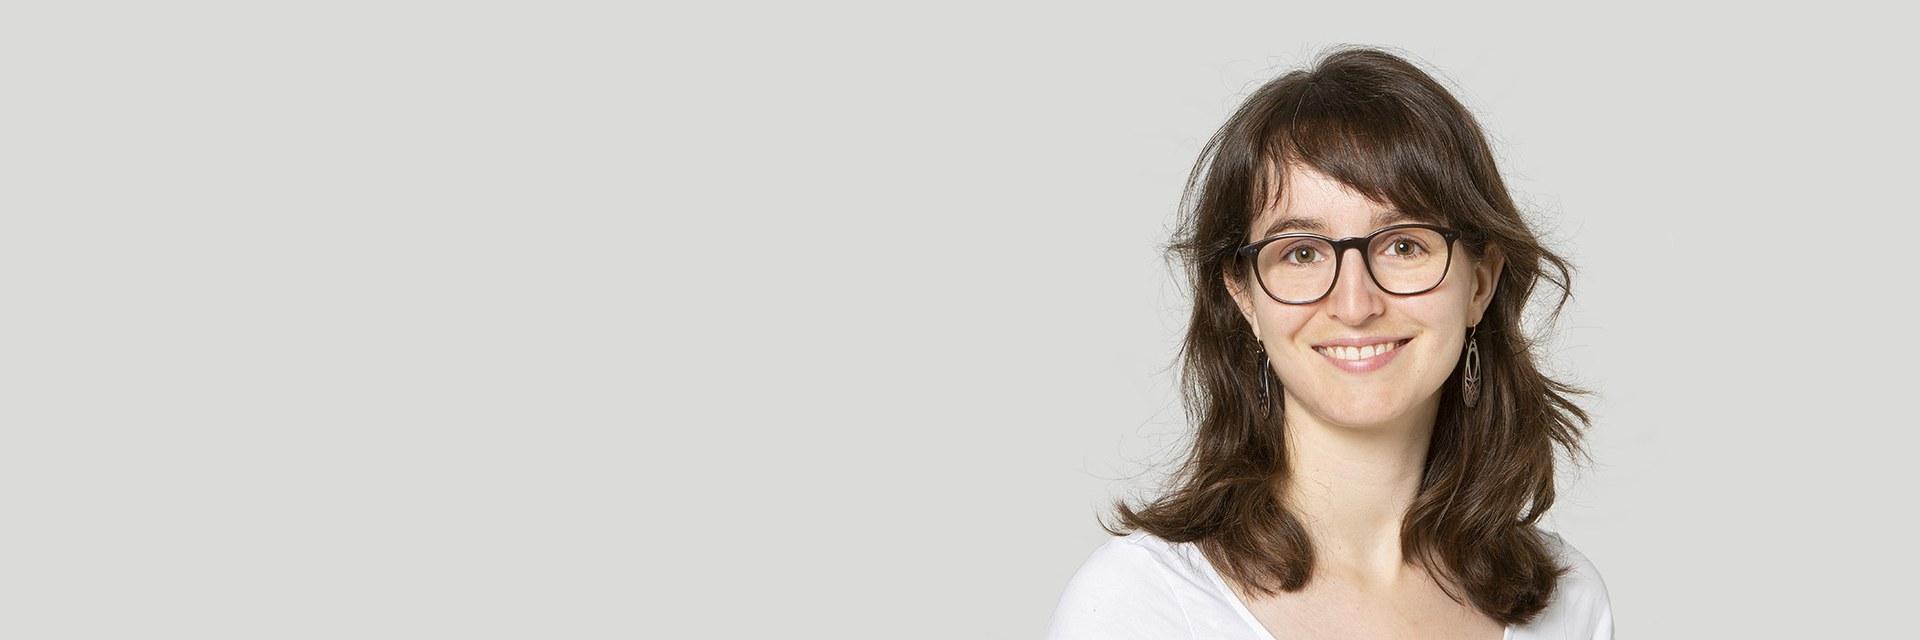 Franziska Corradini